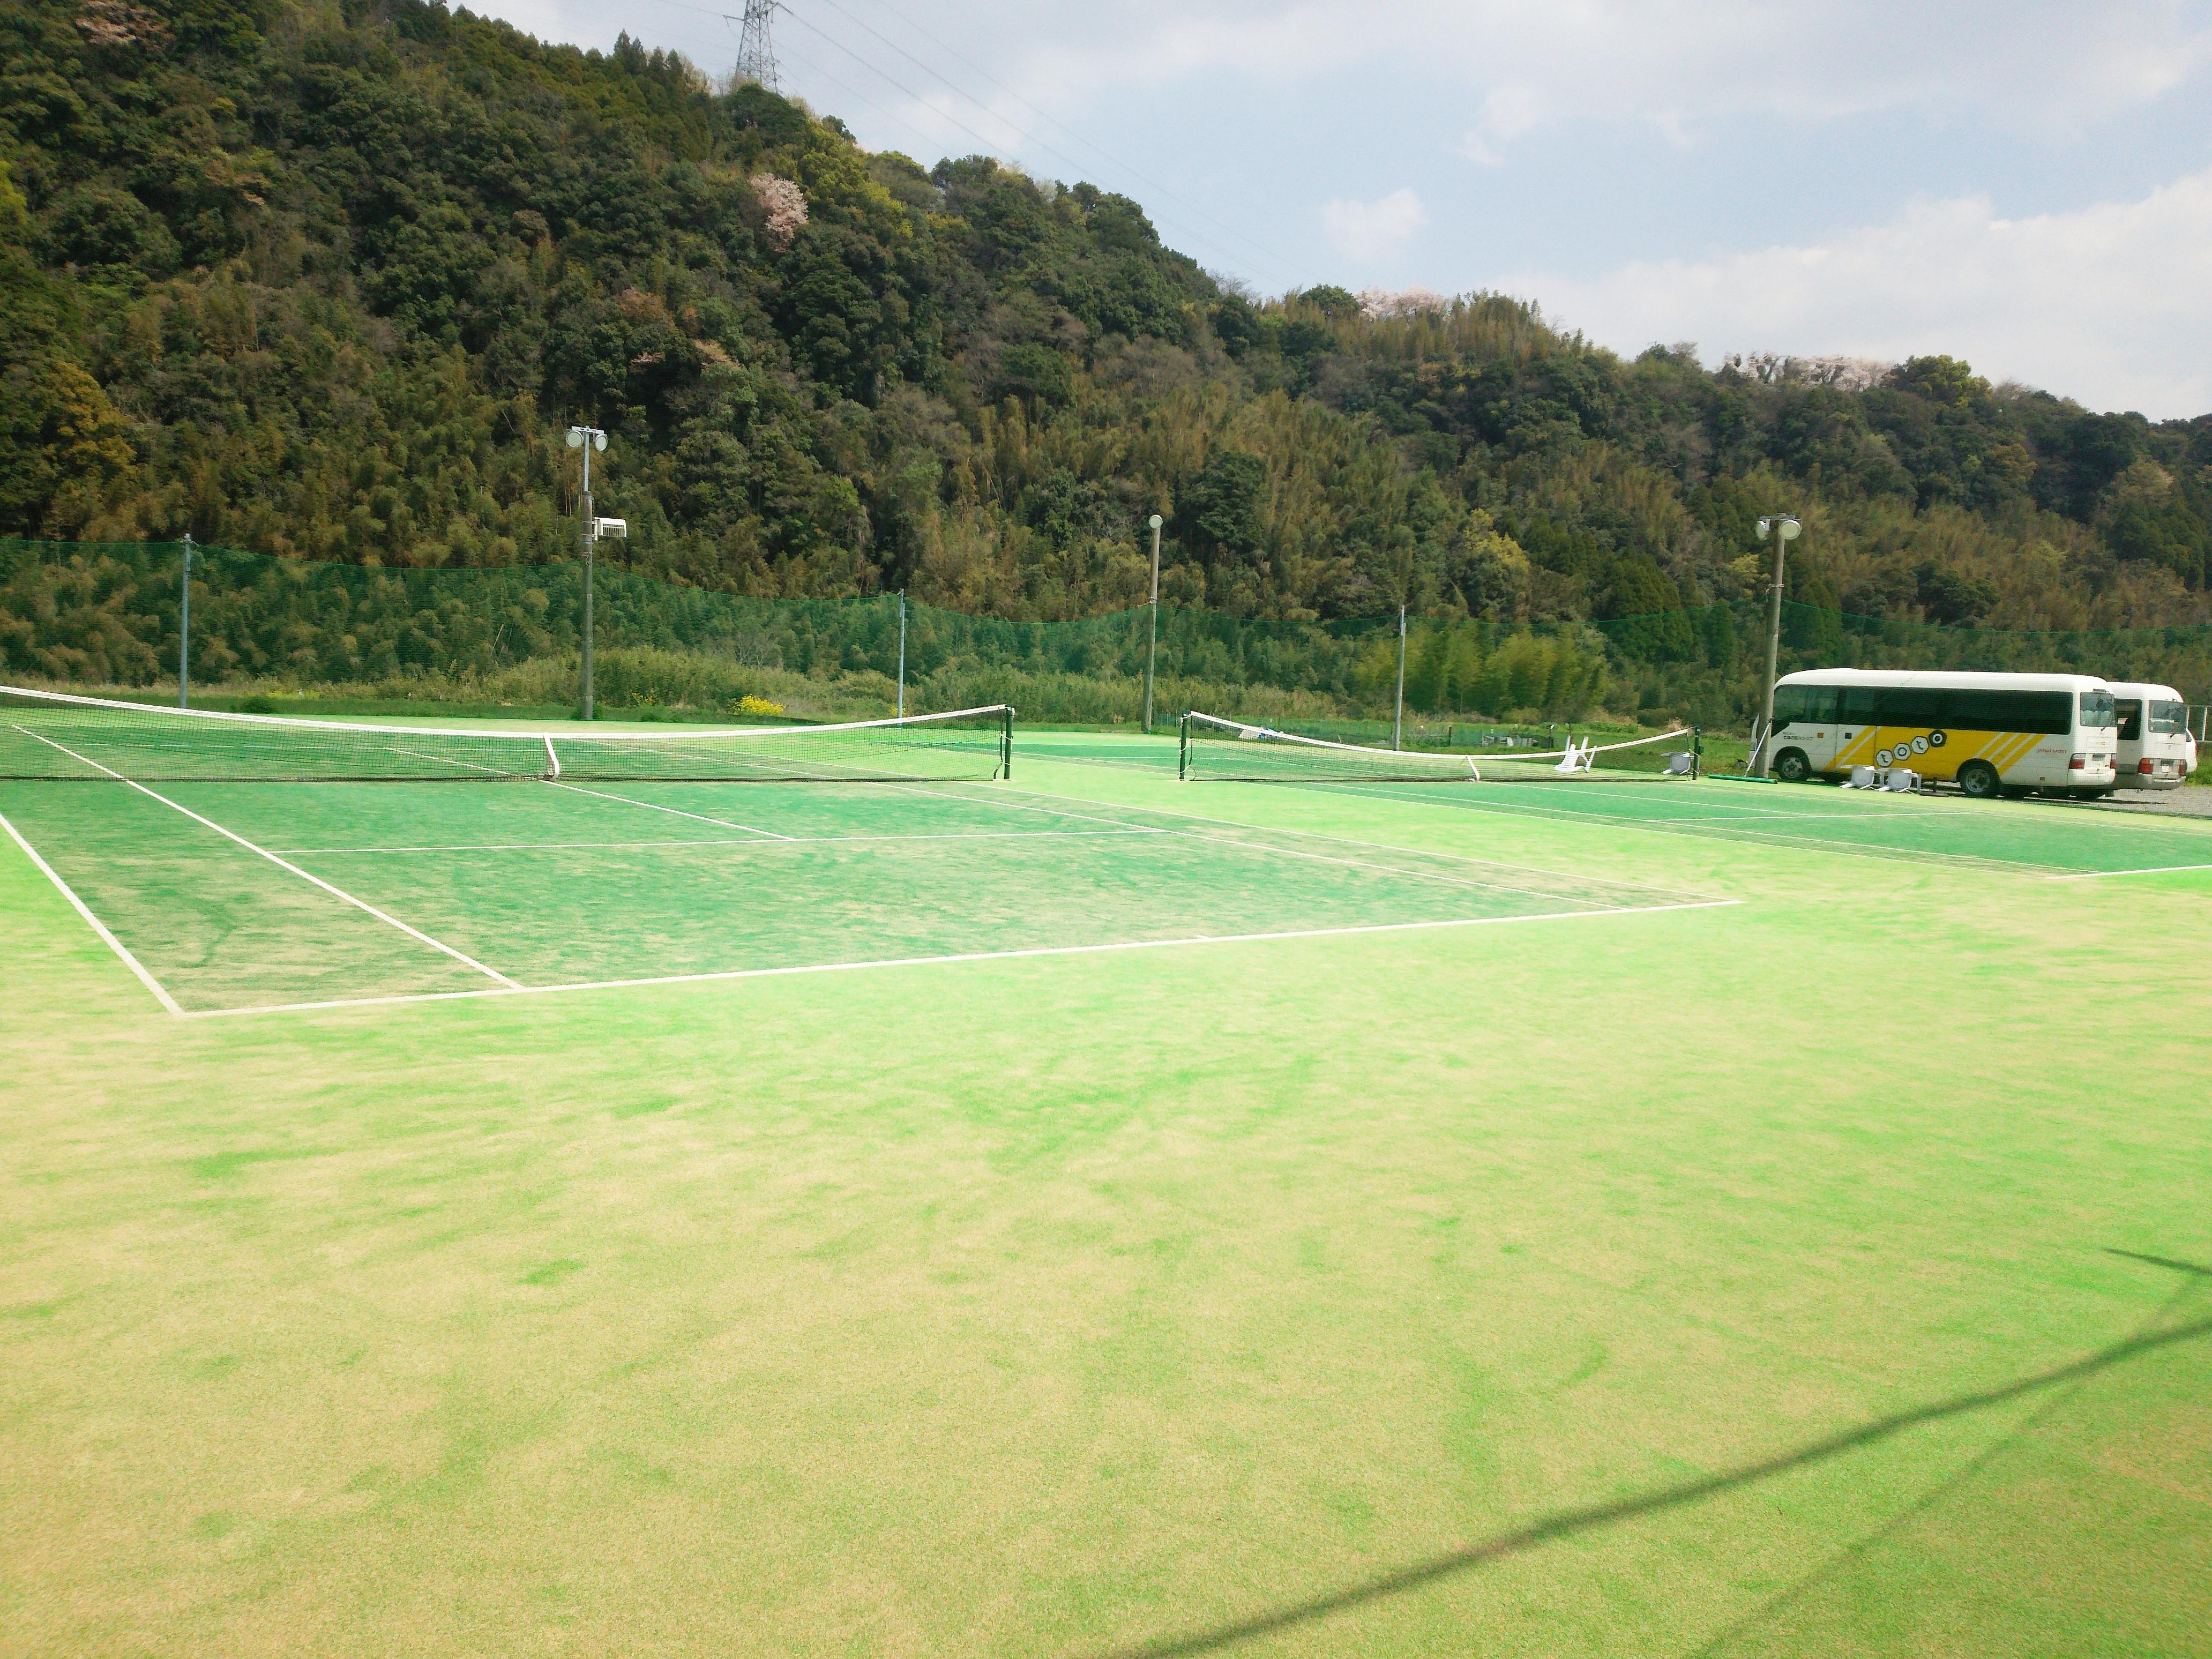 Nスポーツクラブ テニスコート